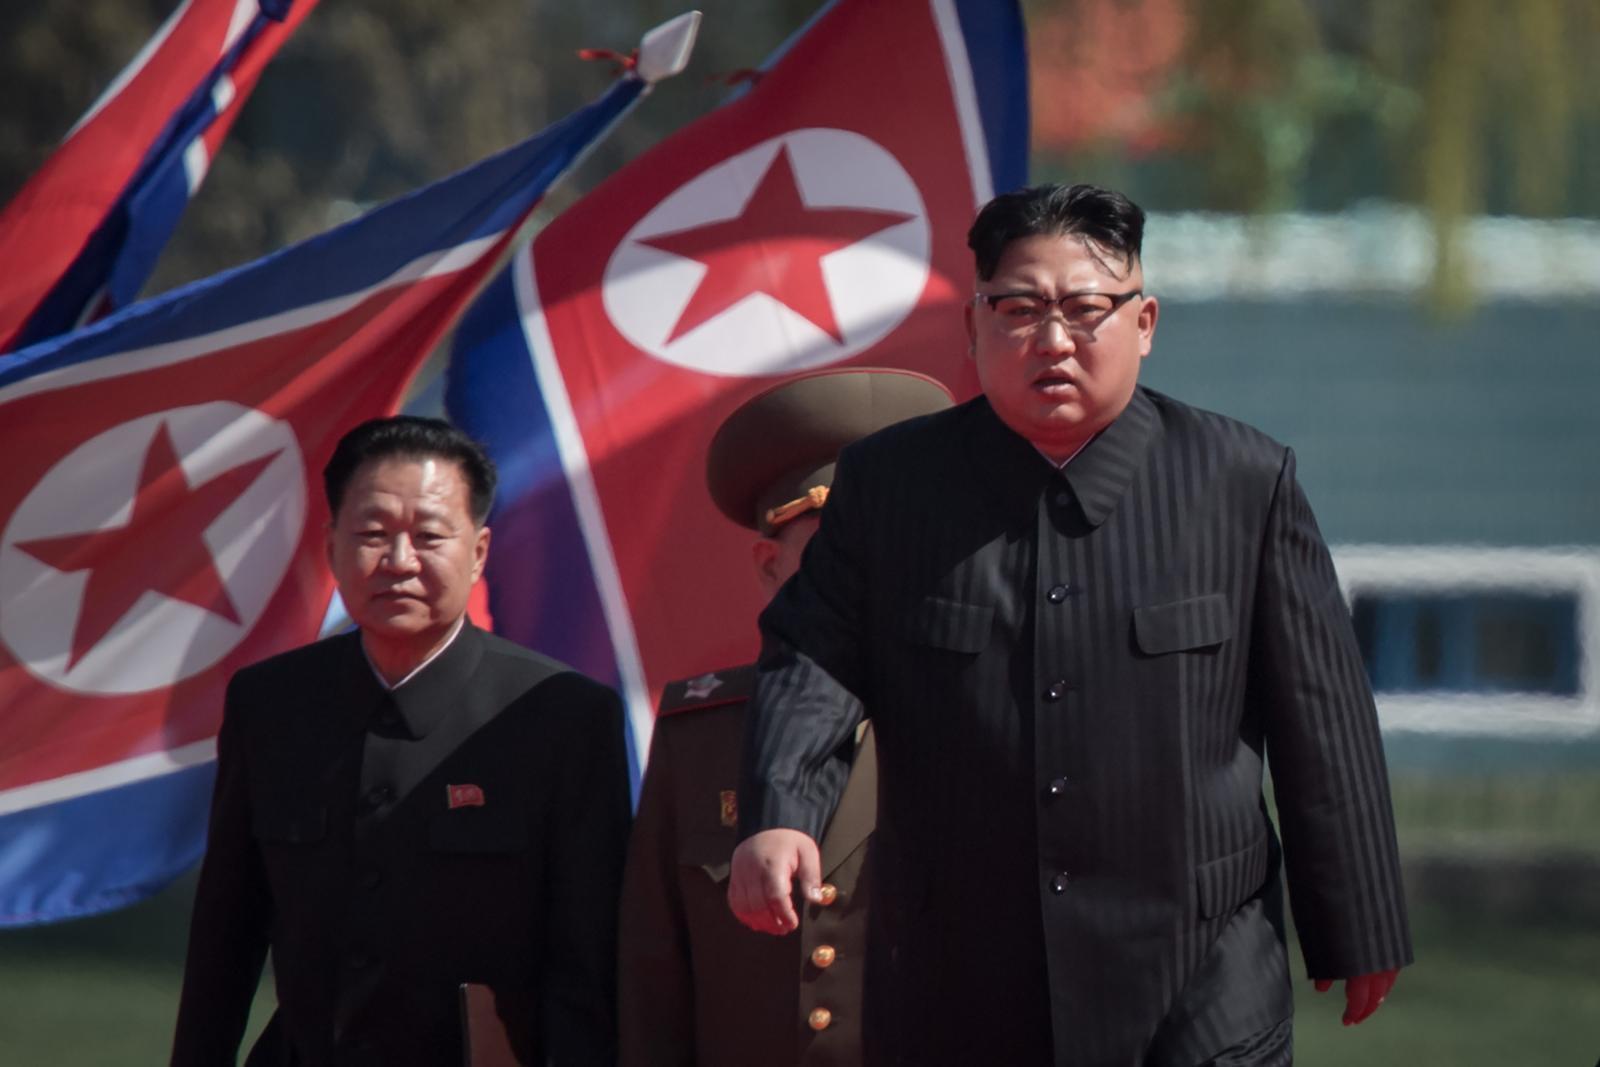 """เกาหลีเหนือขู่ถล่มเกาะกวม หลัง """"ทรัมป์"""" สั่งโสมแดงหยุดข่มขู่"""